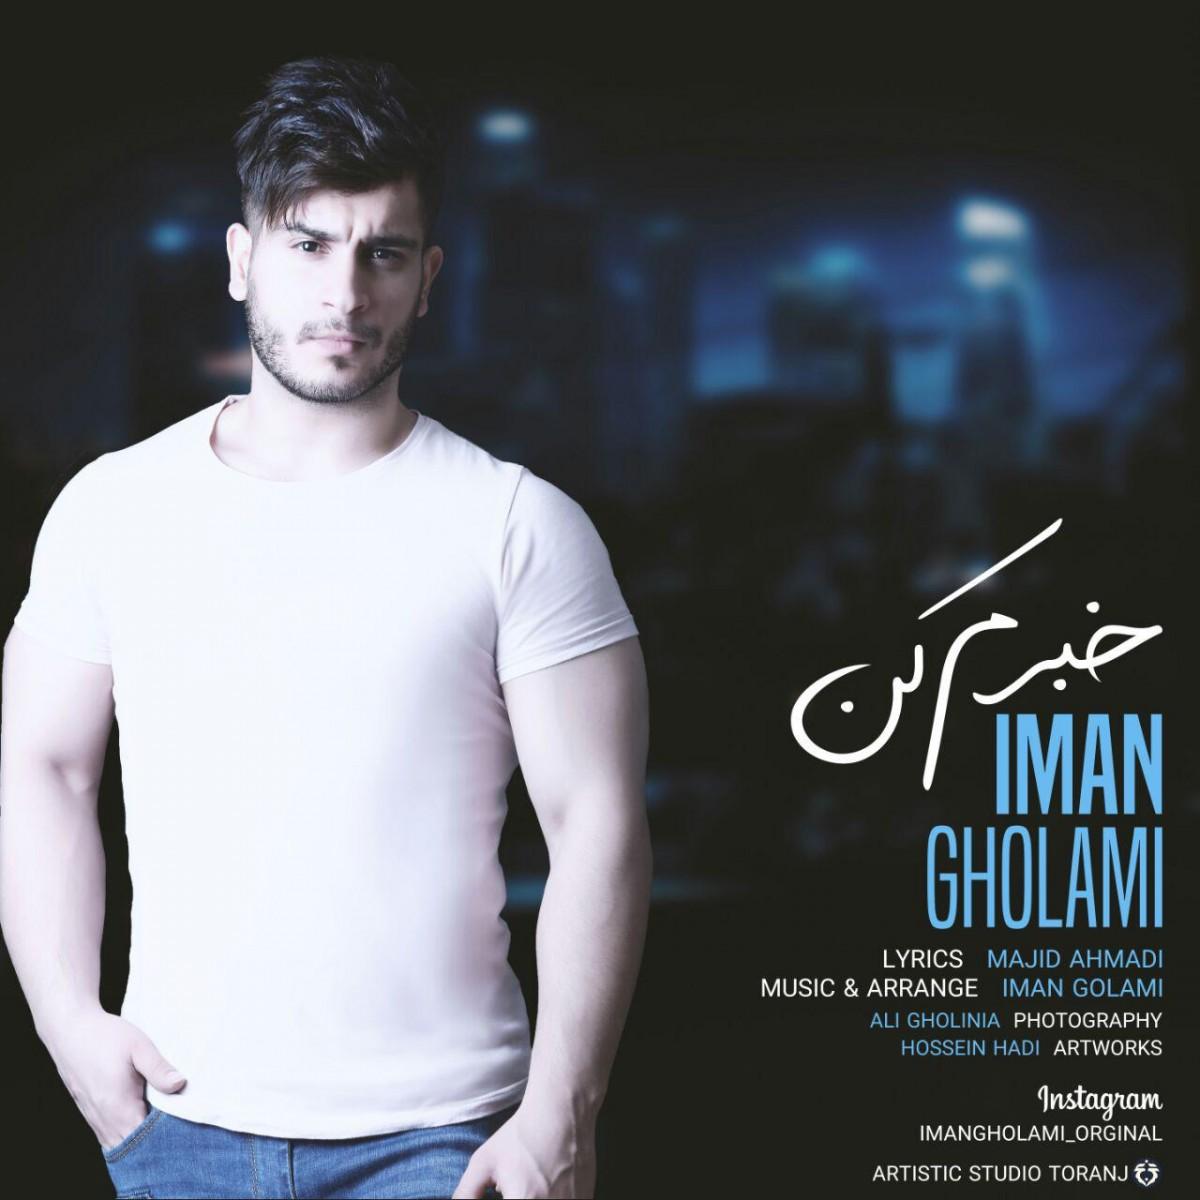 نامبر وان موزیک | دانلود آهنگ جدید Iman-Gholami-Khabaram-Kon